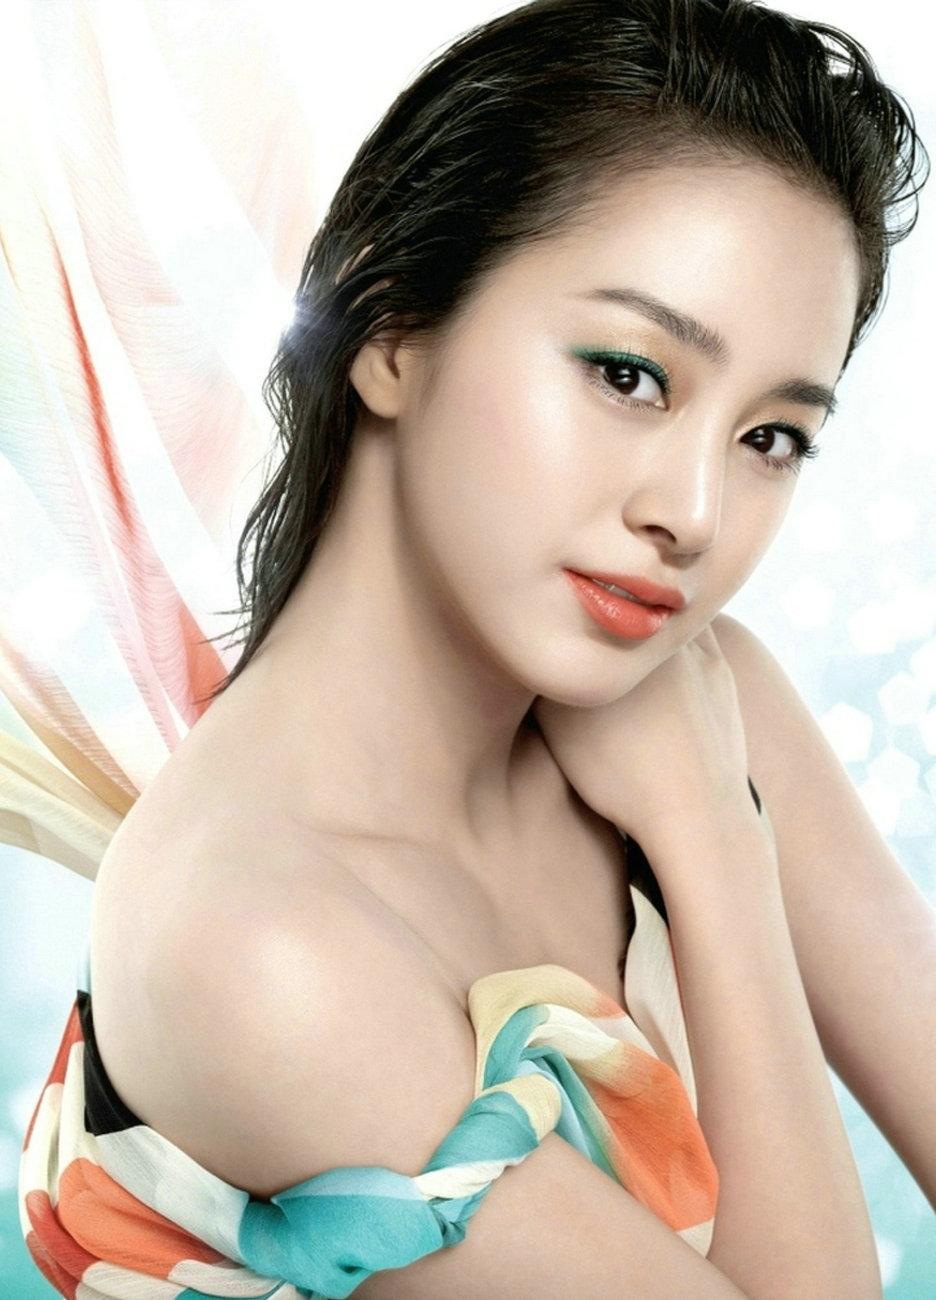 Девушек фото корейских корейских виде обнажённом пар фото в